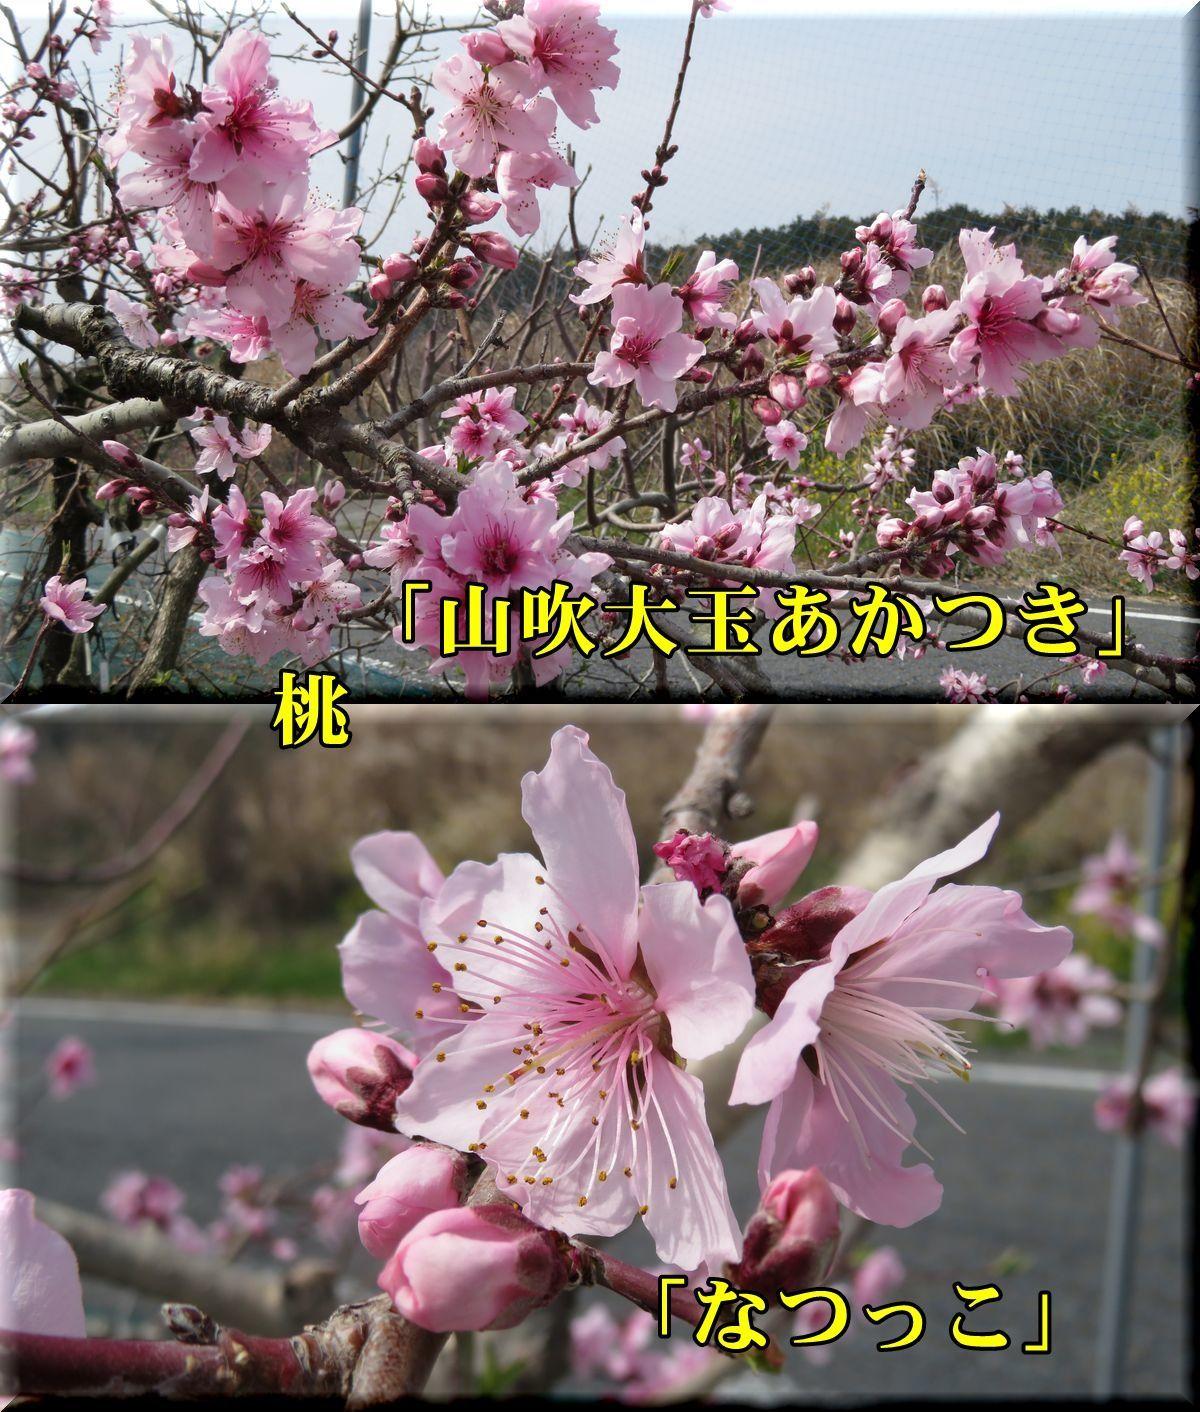 1yamabuki_natukk180327_005.jpg